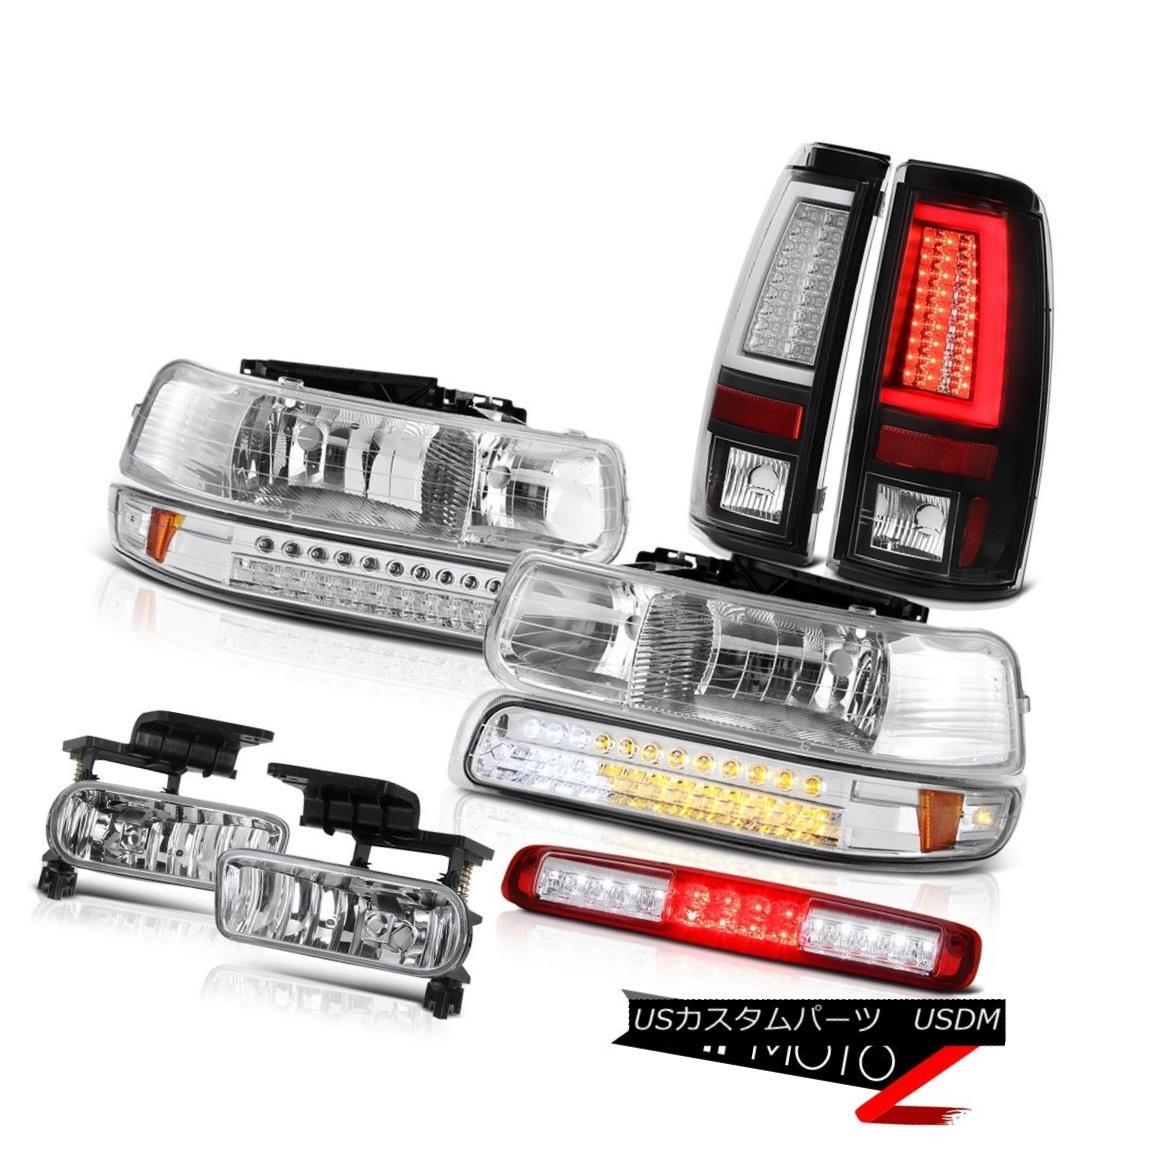 テールライト 99-02 Silverado 2500 Rear Brake Lights Roof Cargo Lamp Headlamps Foglamps LED 99-02 Silverado 2500リアブレーキライトルーフカーゴランプヘッドランプフォグランプLED